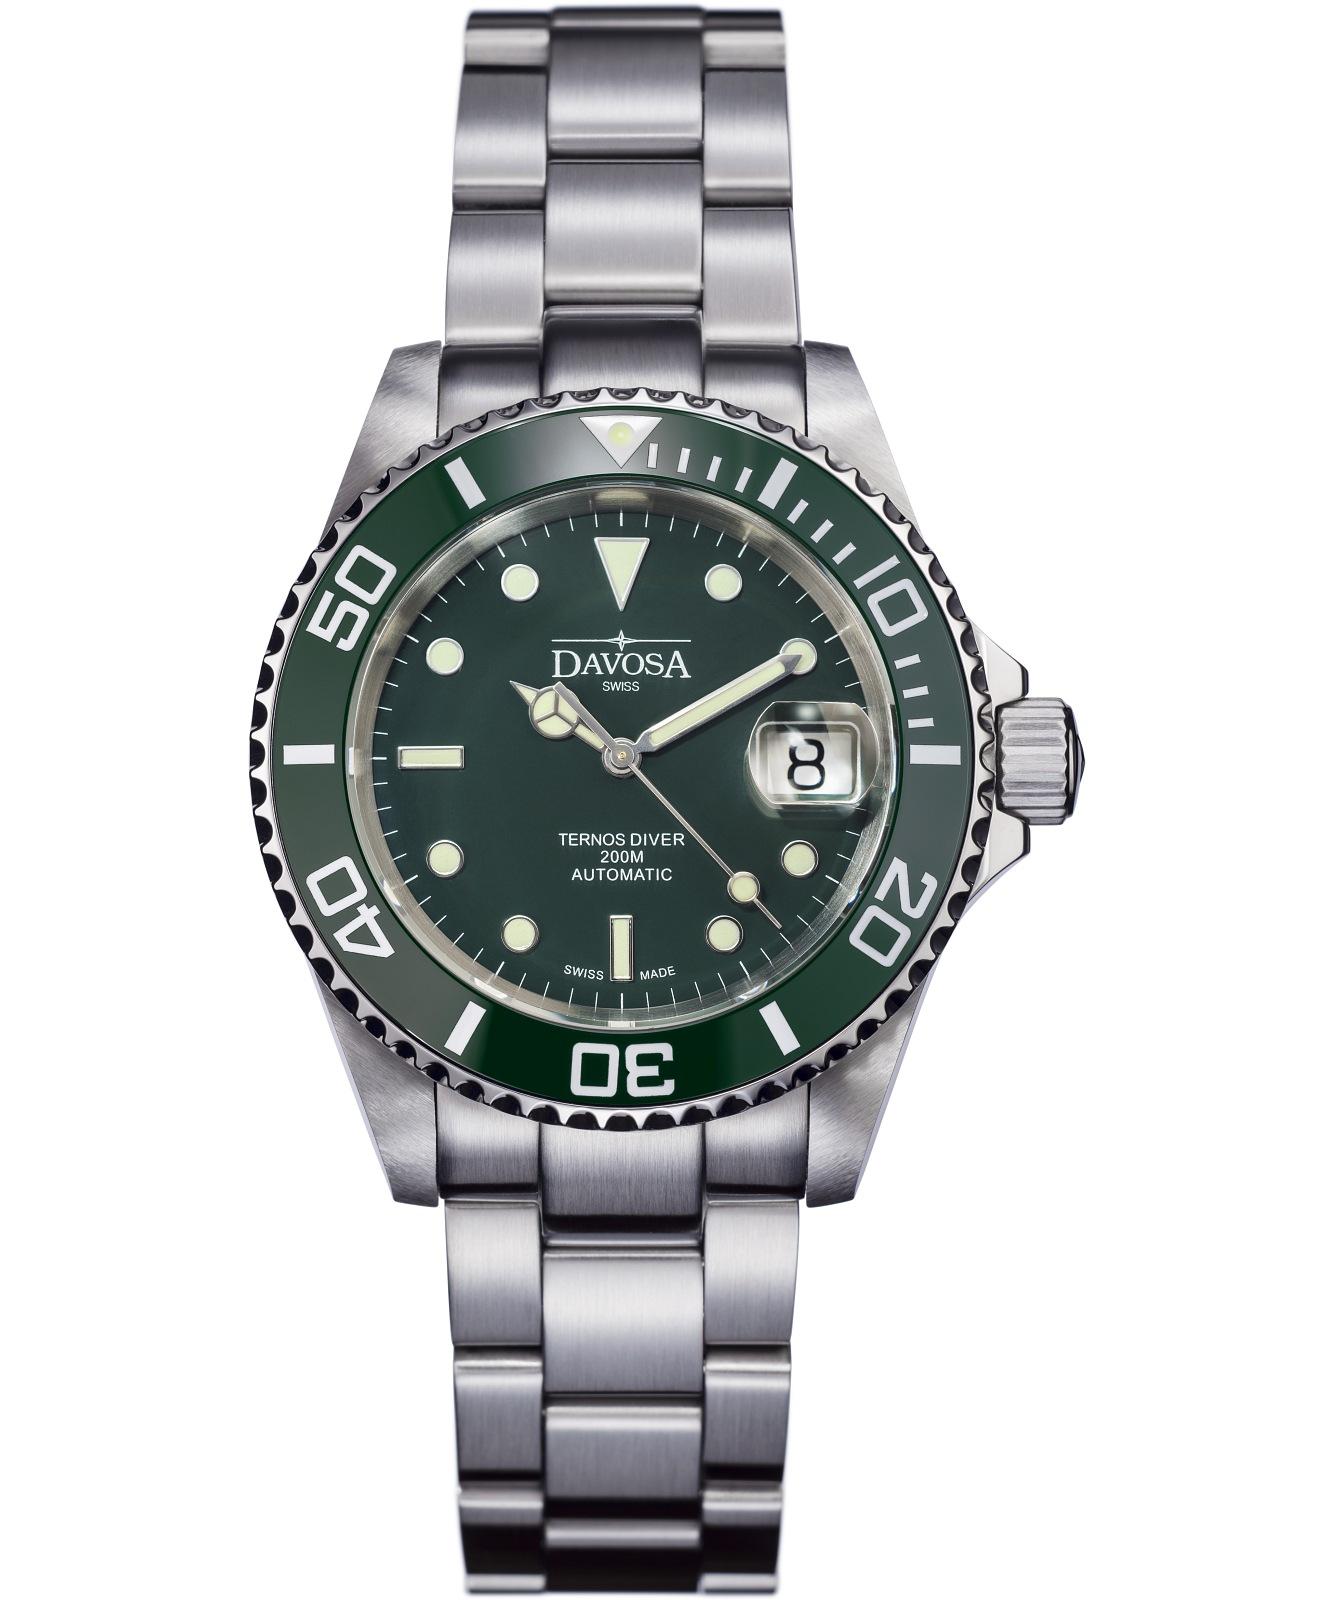 zegarek-meski-davosa-ternos-ceramic-automatic-161-555-6zegarek-meski-davosa-ternos-ceramic-automatic-161-555-70